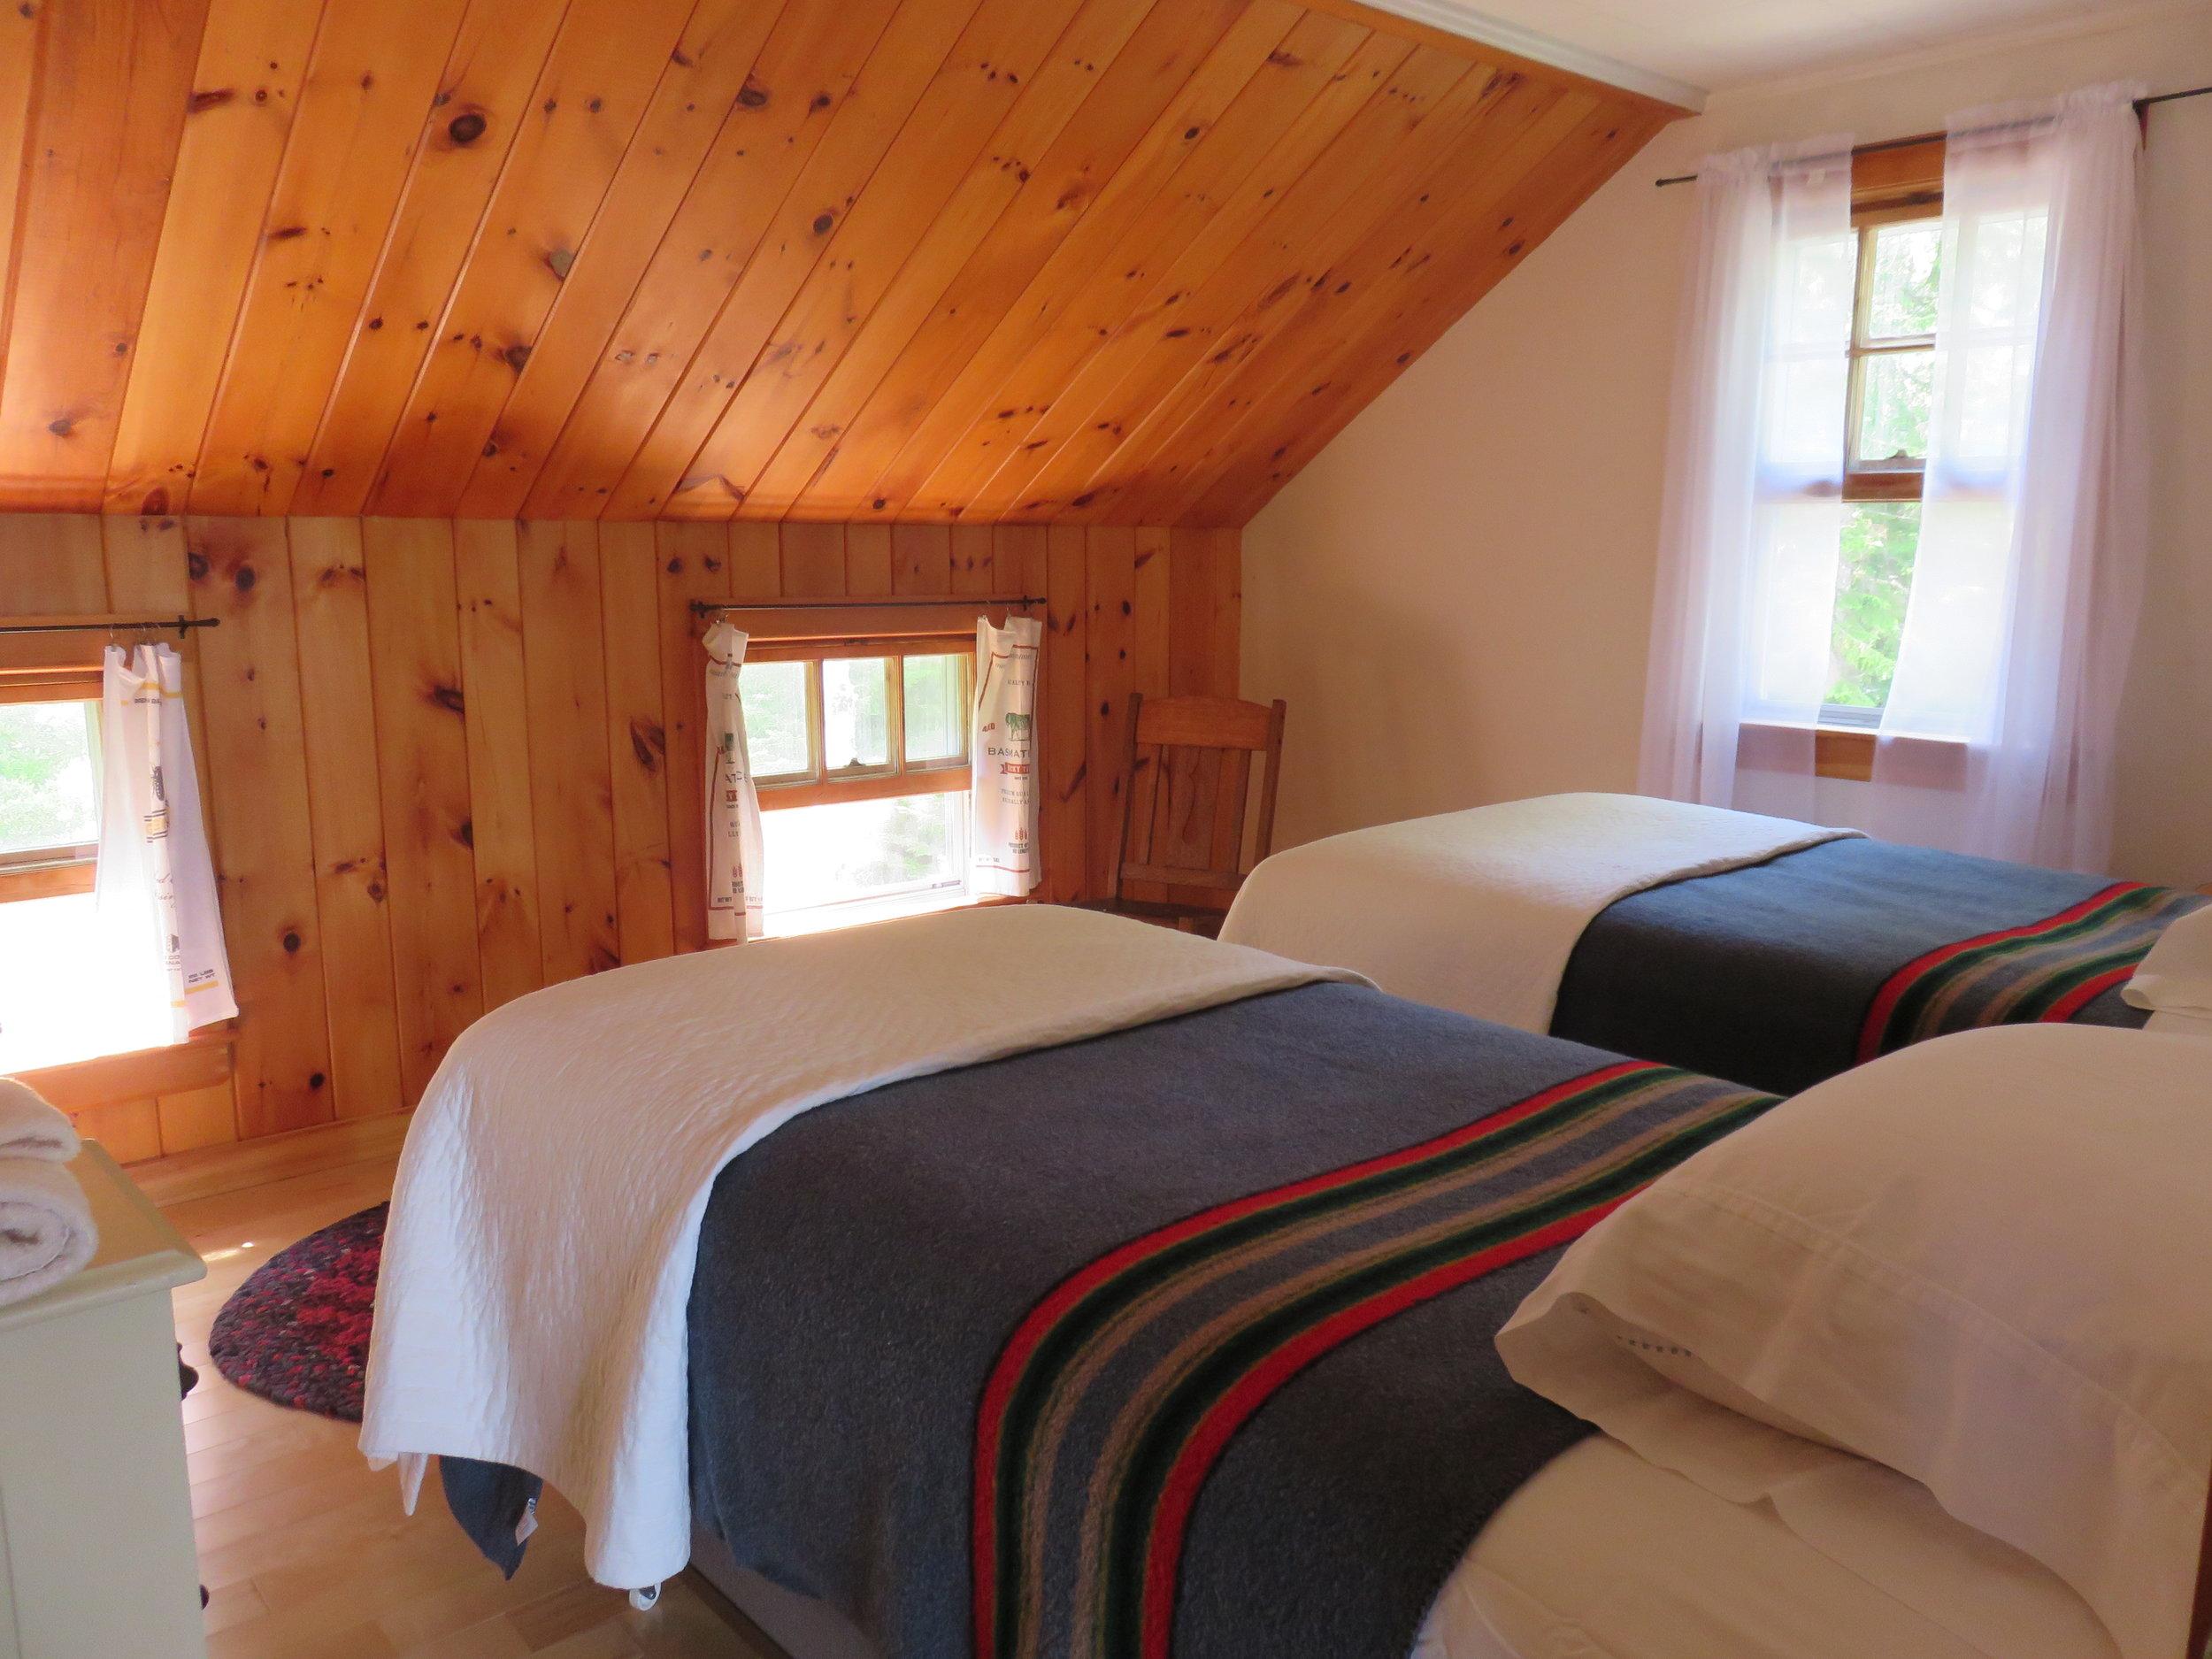 Mosswood bedroom 1.JPG